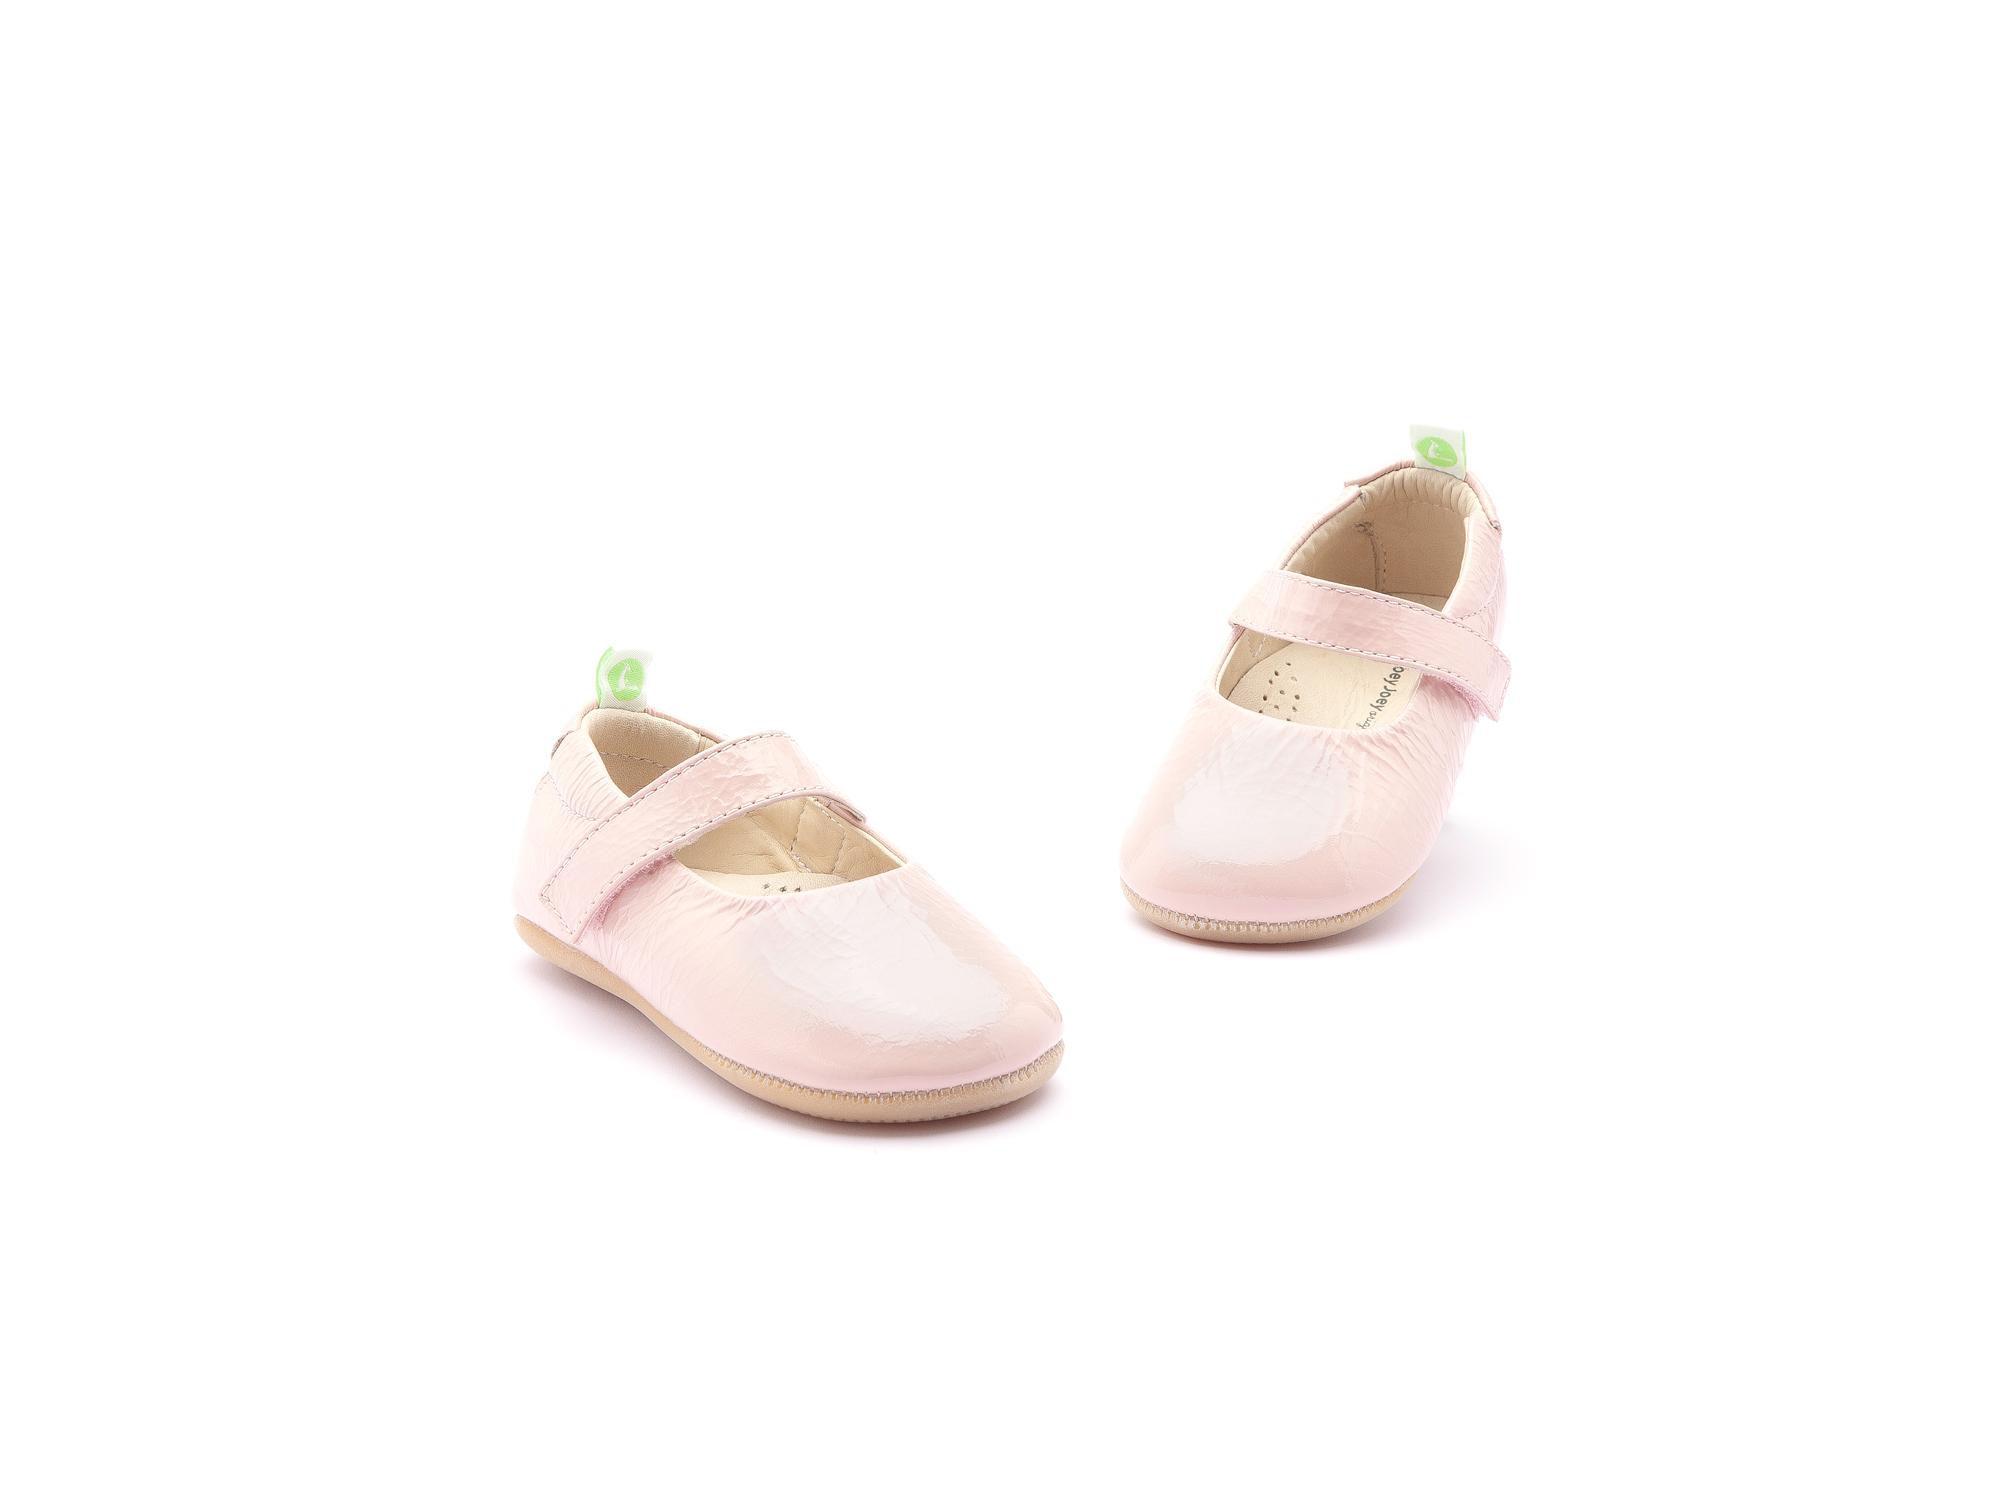 sapatilha Bebê feminino dolly